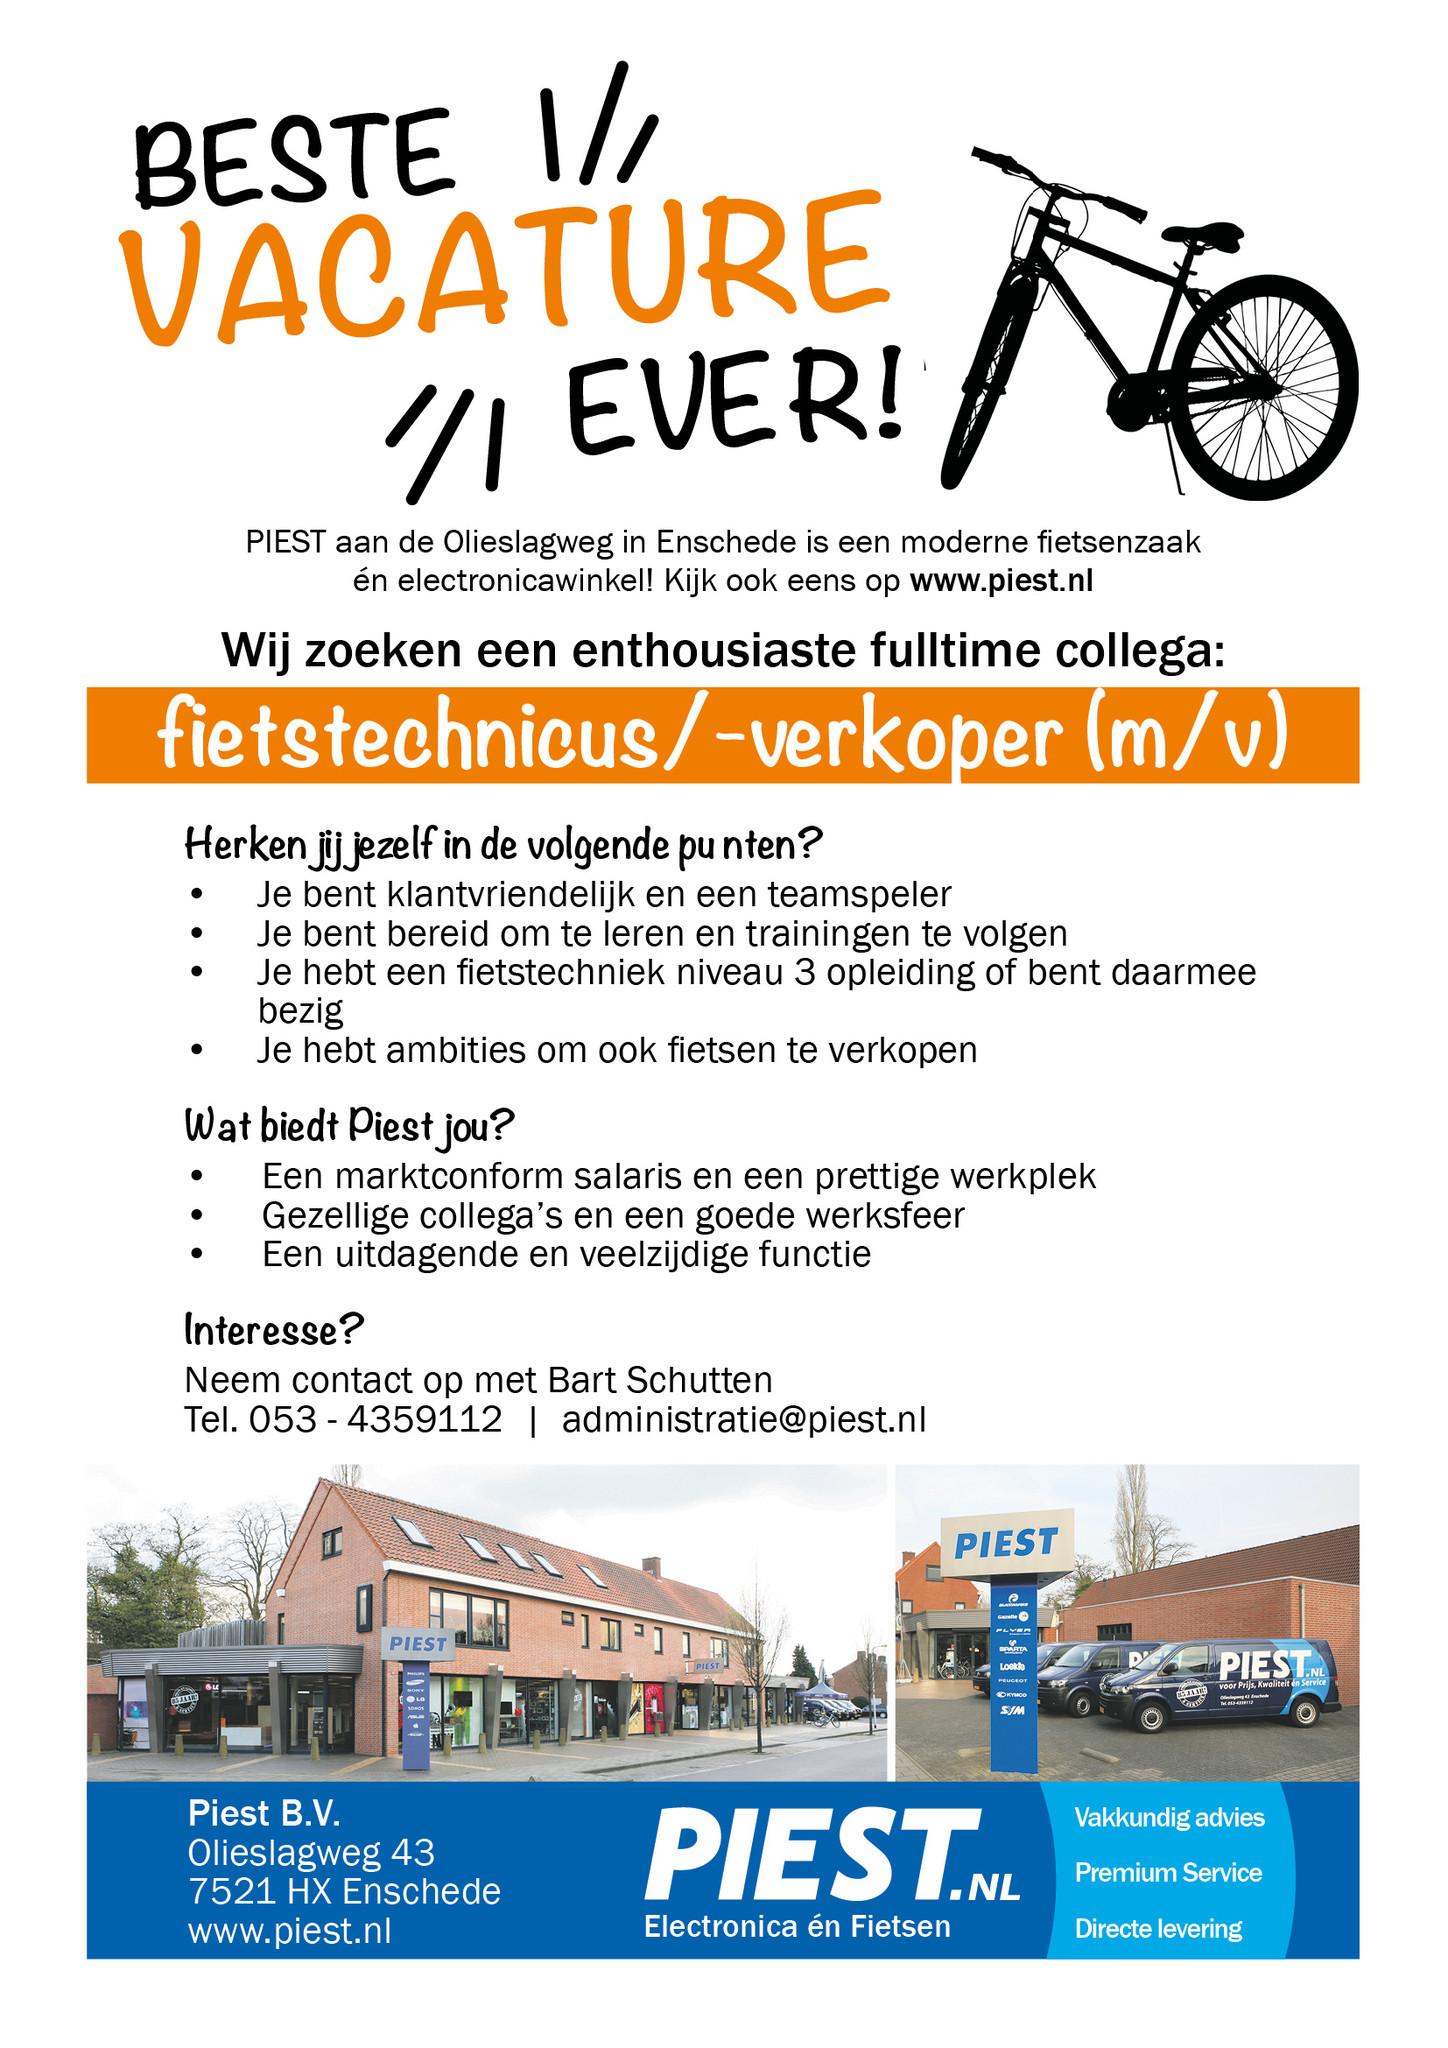 Piest zoekt een enthousiaste fietstechnicus/-verkoper